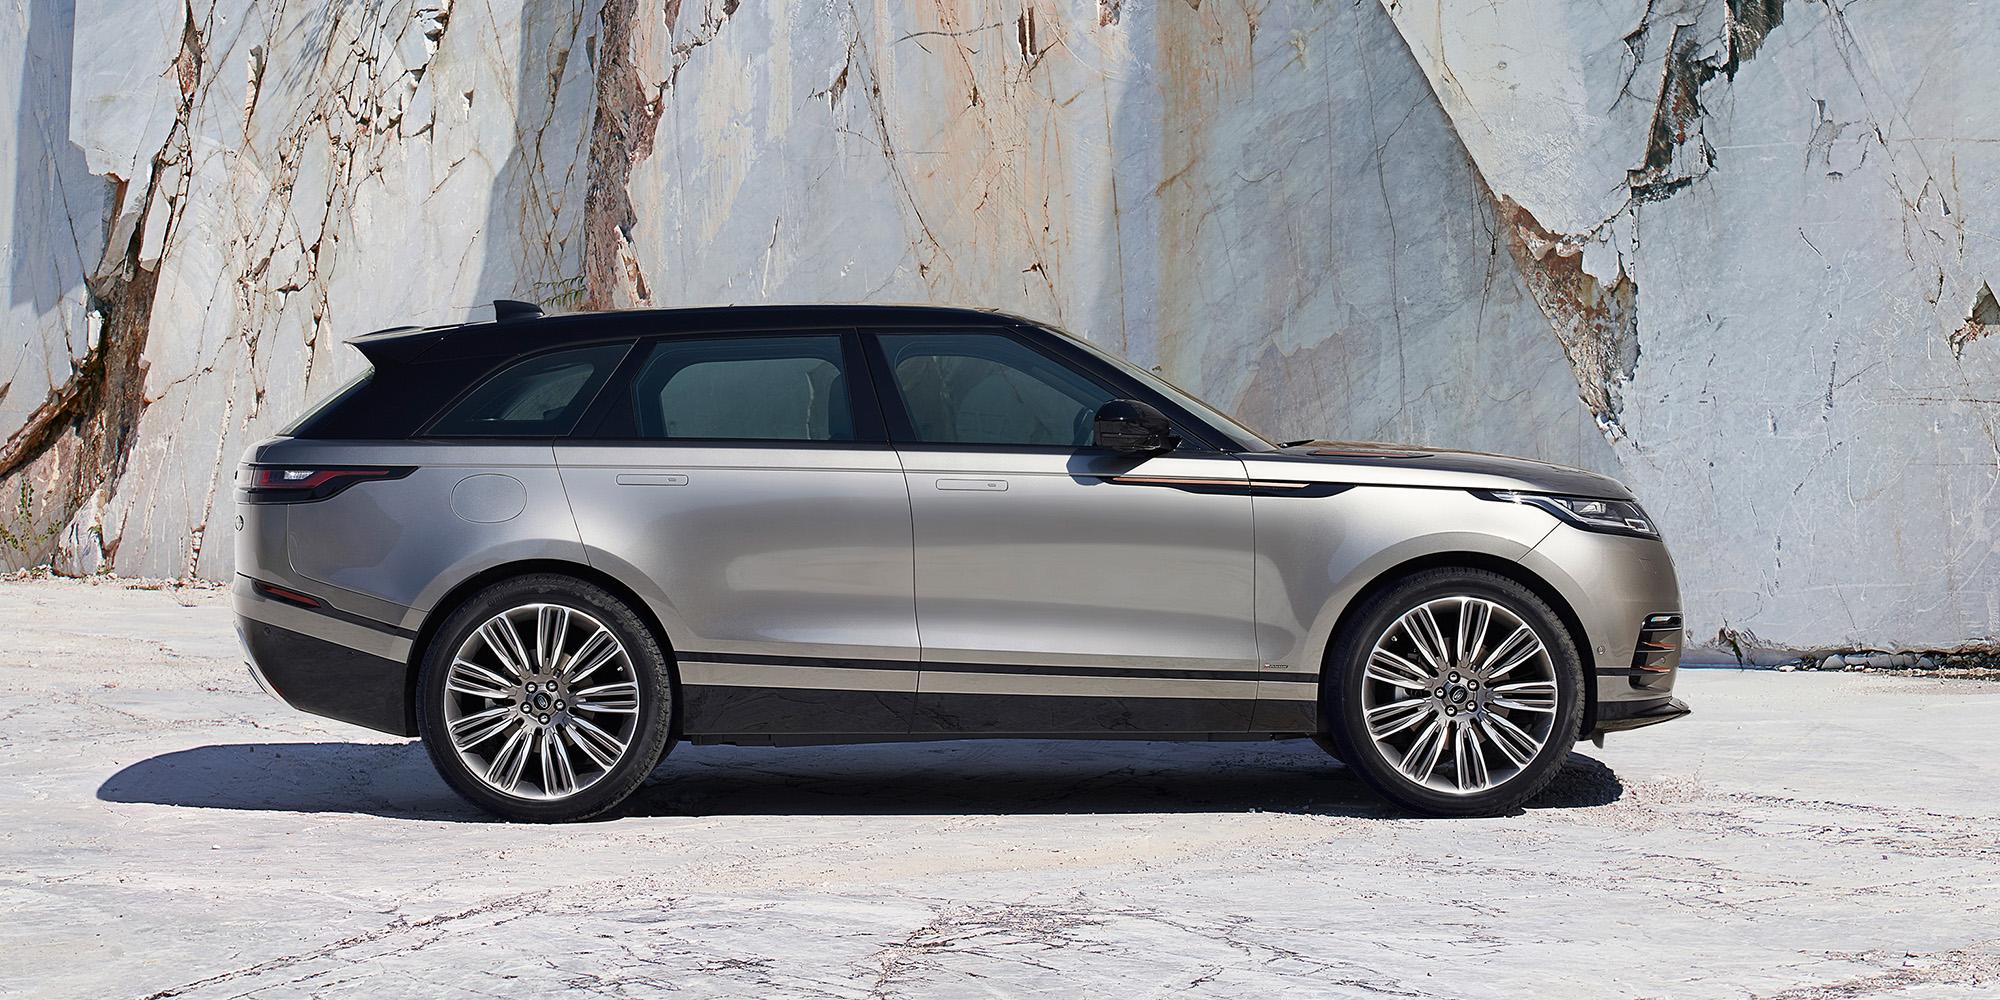 2018 Range Rover Velar Full Pricing Revealed Update Photos 1 Of 4